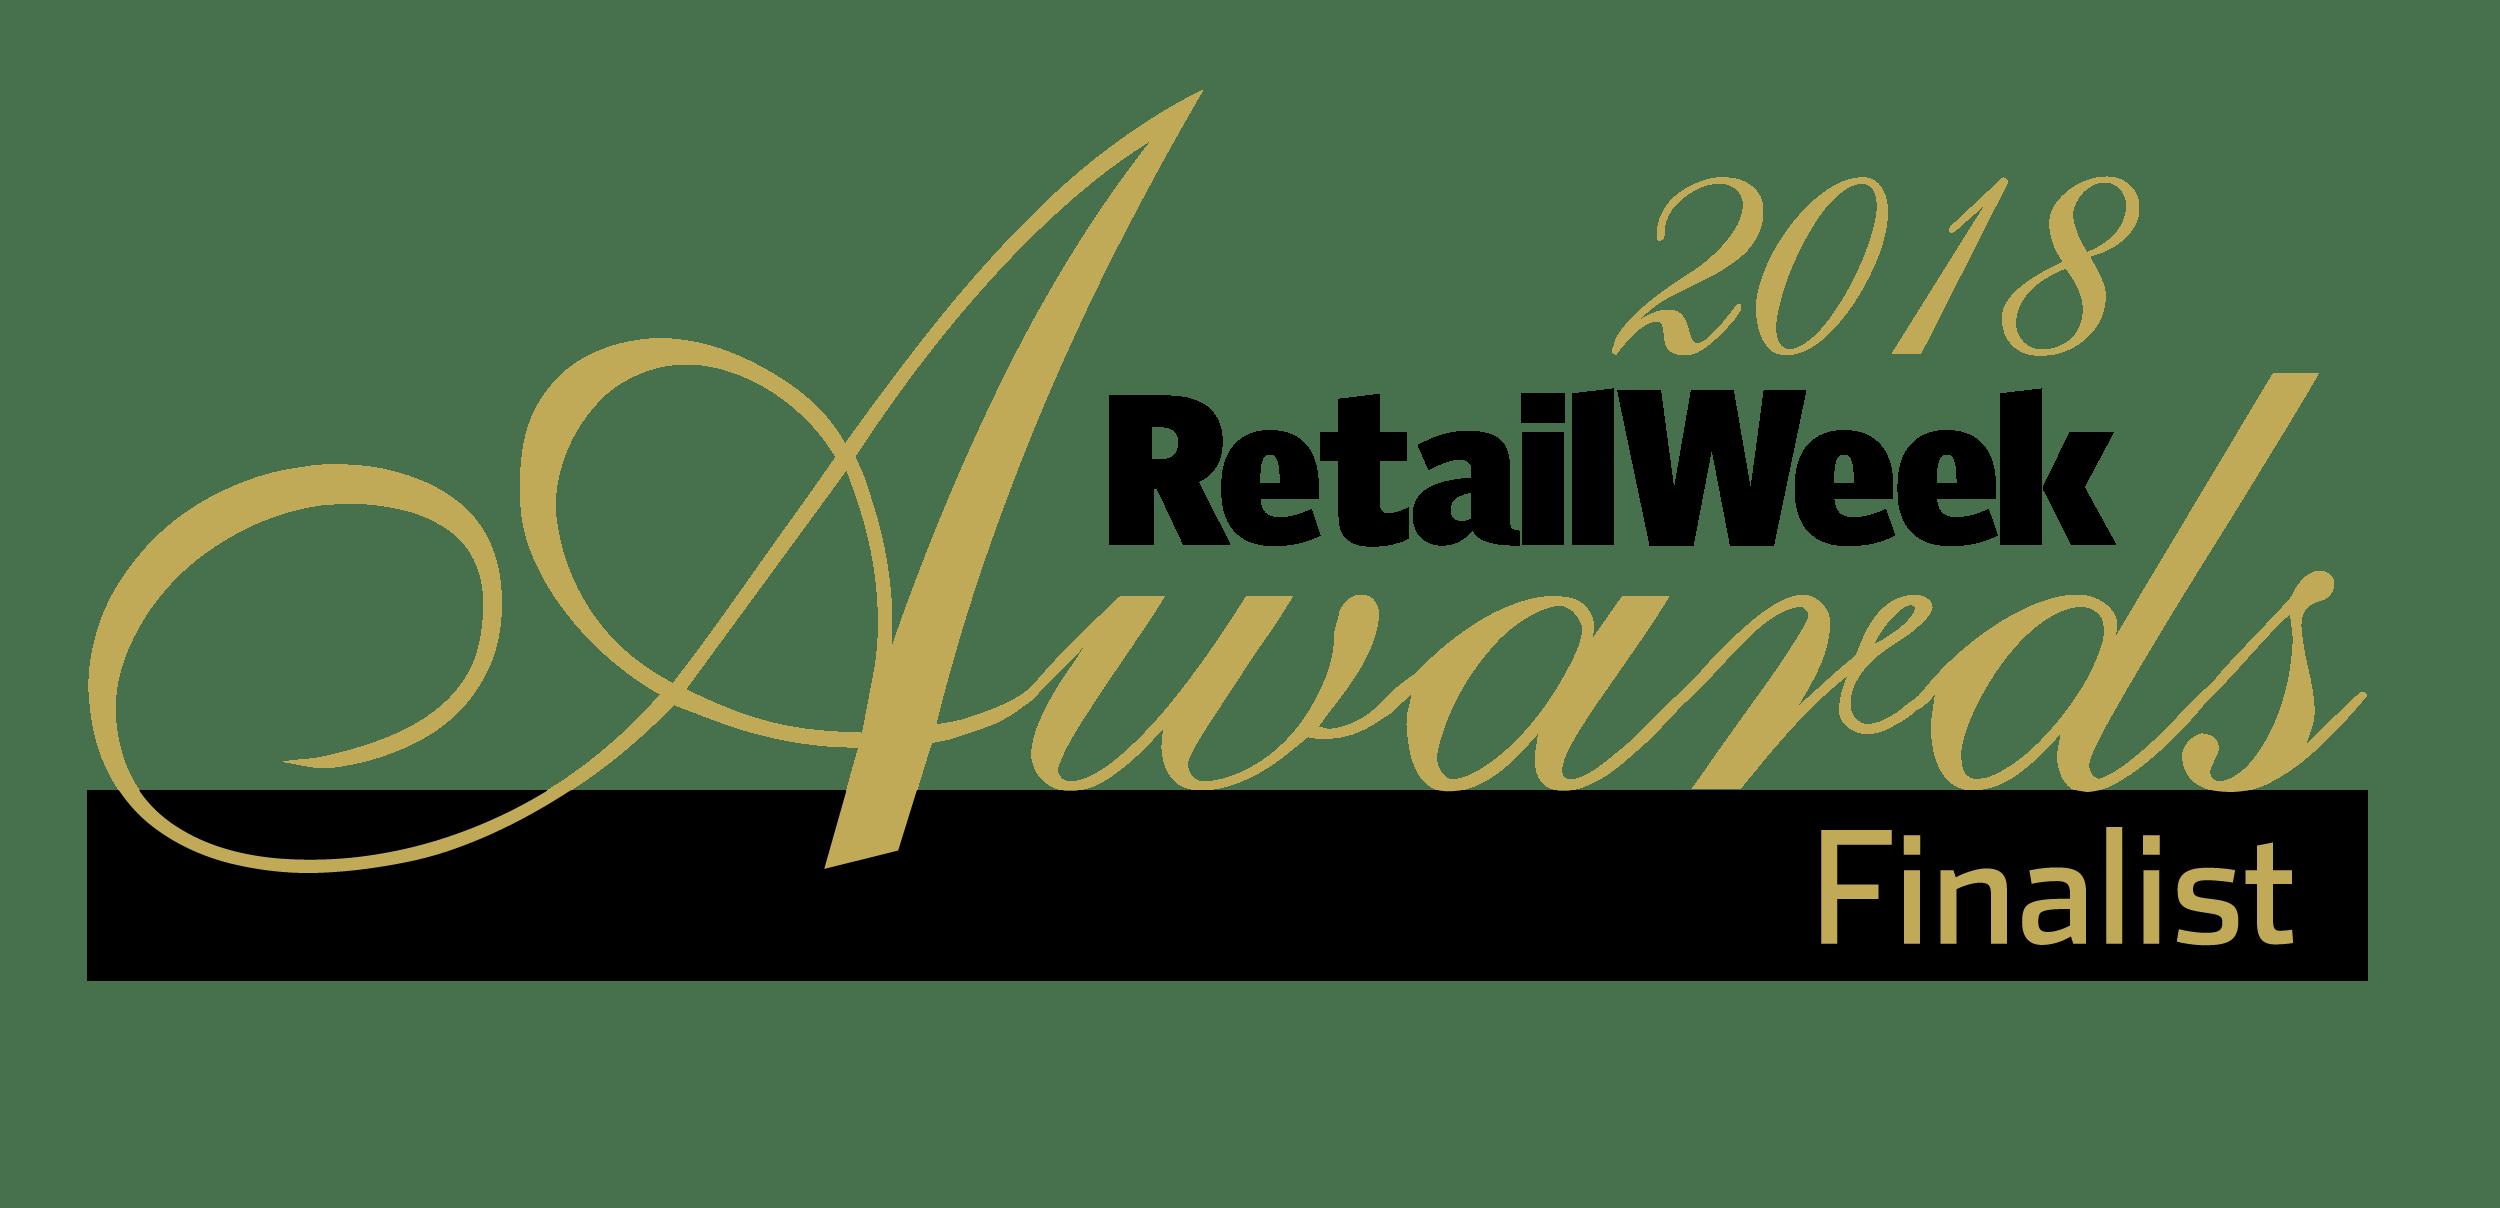 Retail Week awards finalist logo